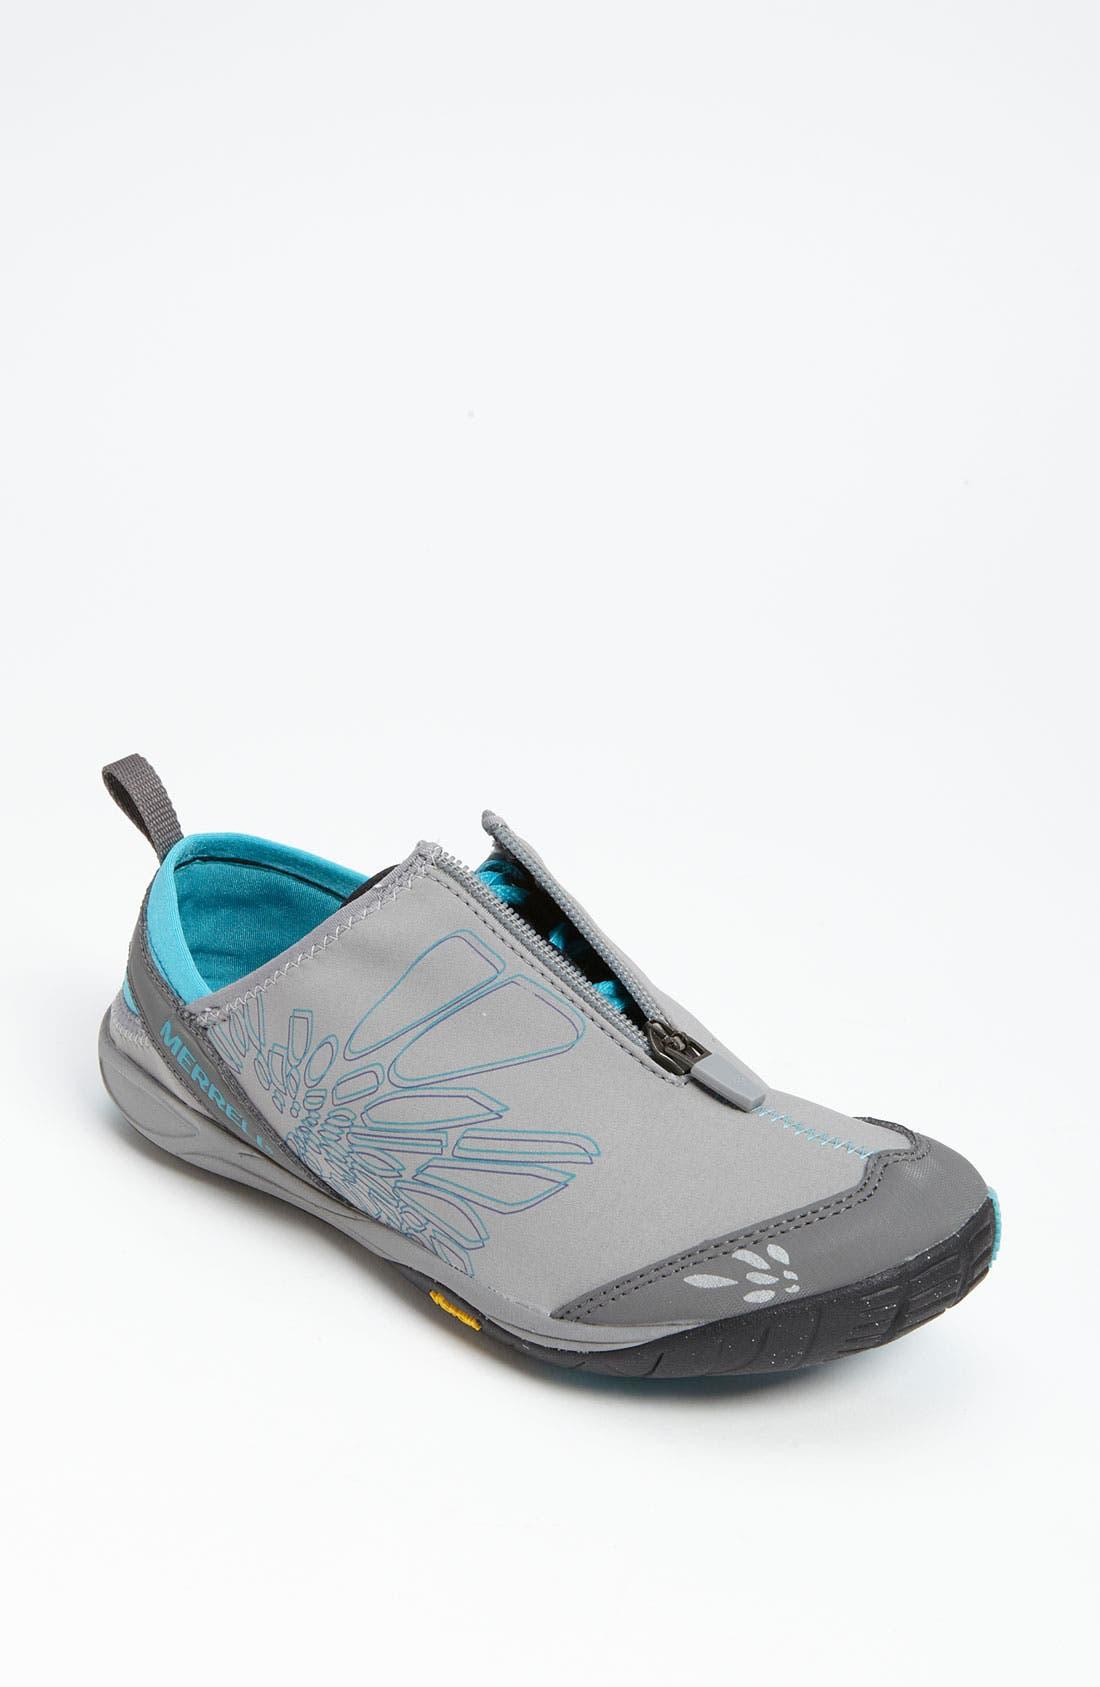 Main Image - Merrell 'Tempo Glove' Running Shoe (Women)